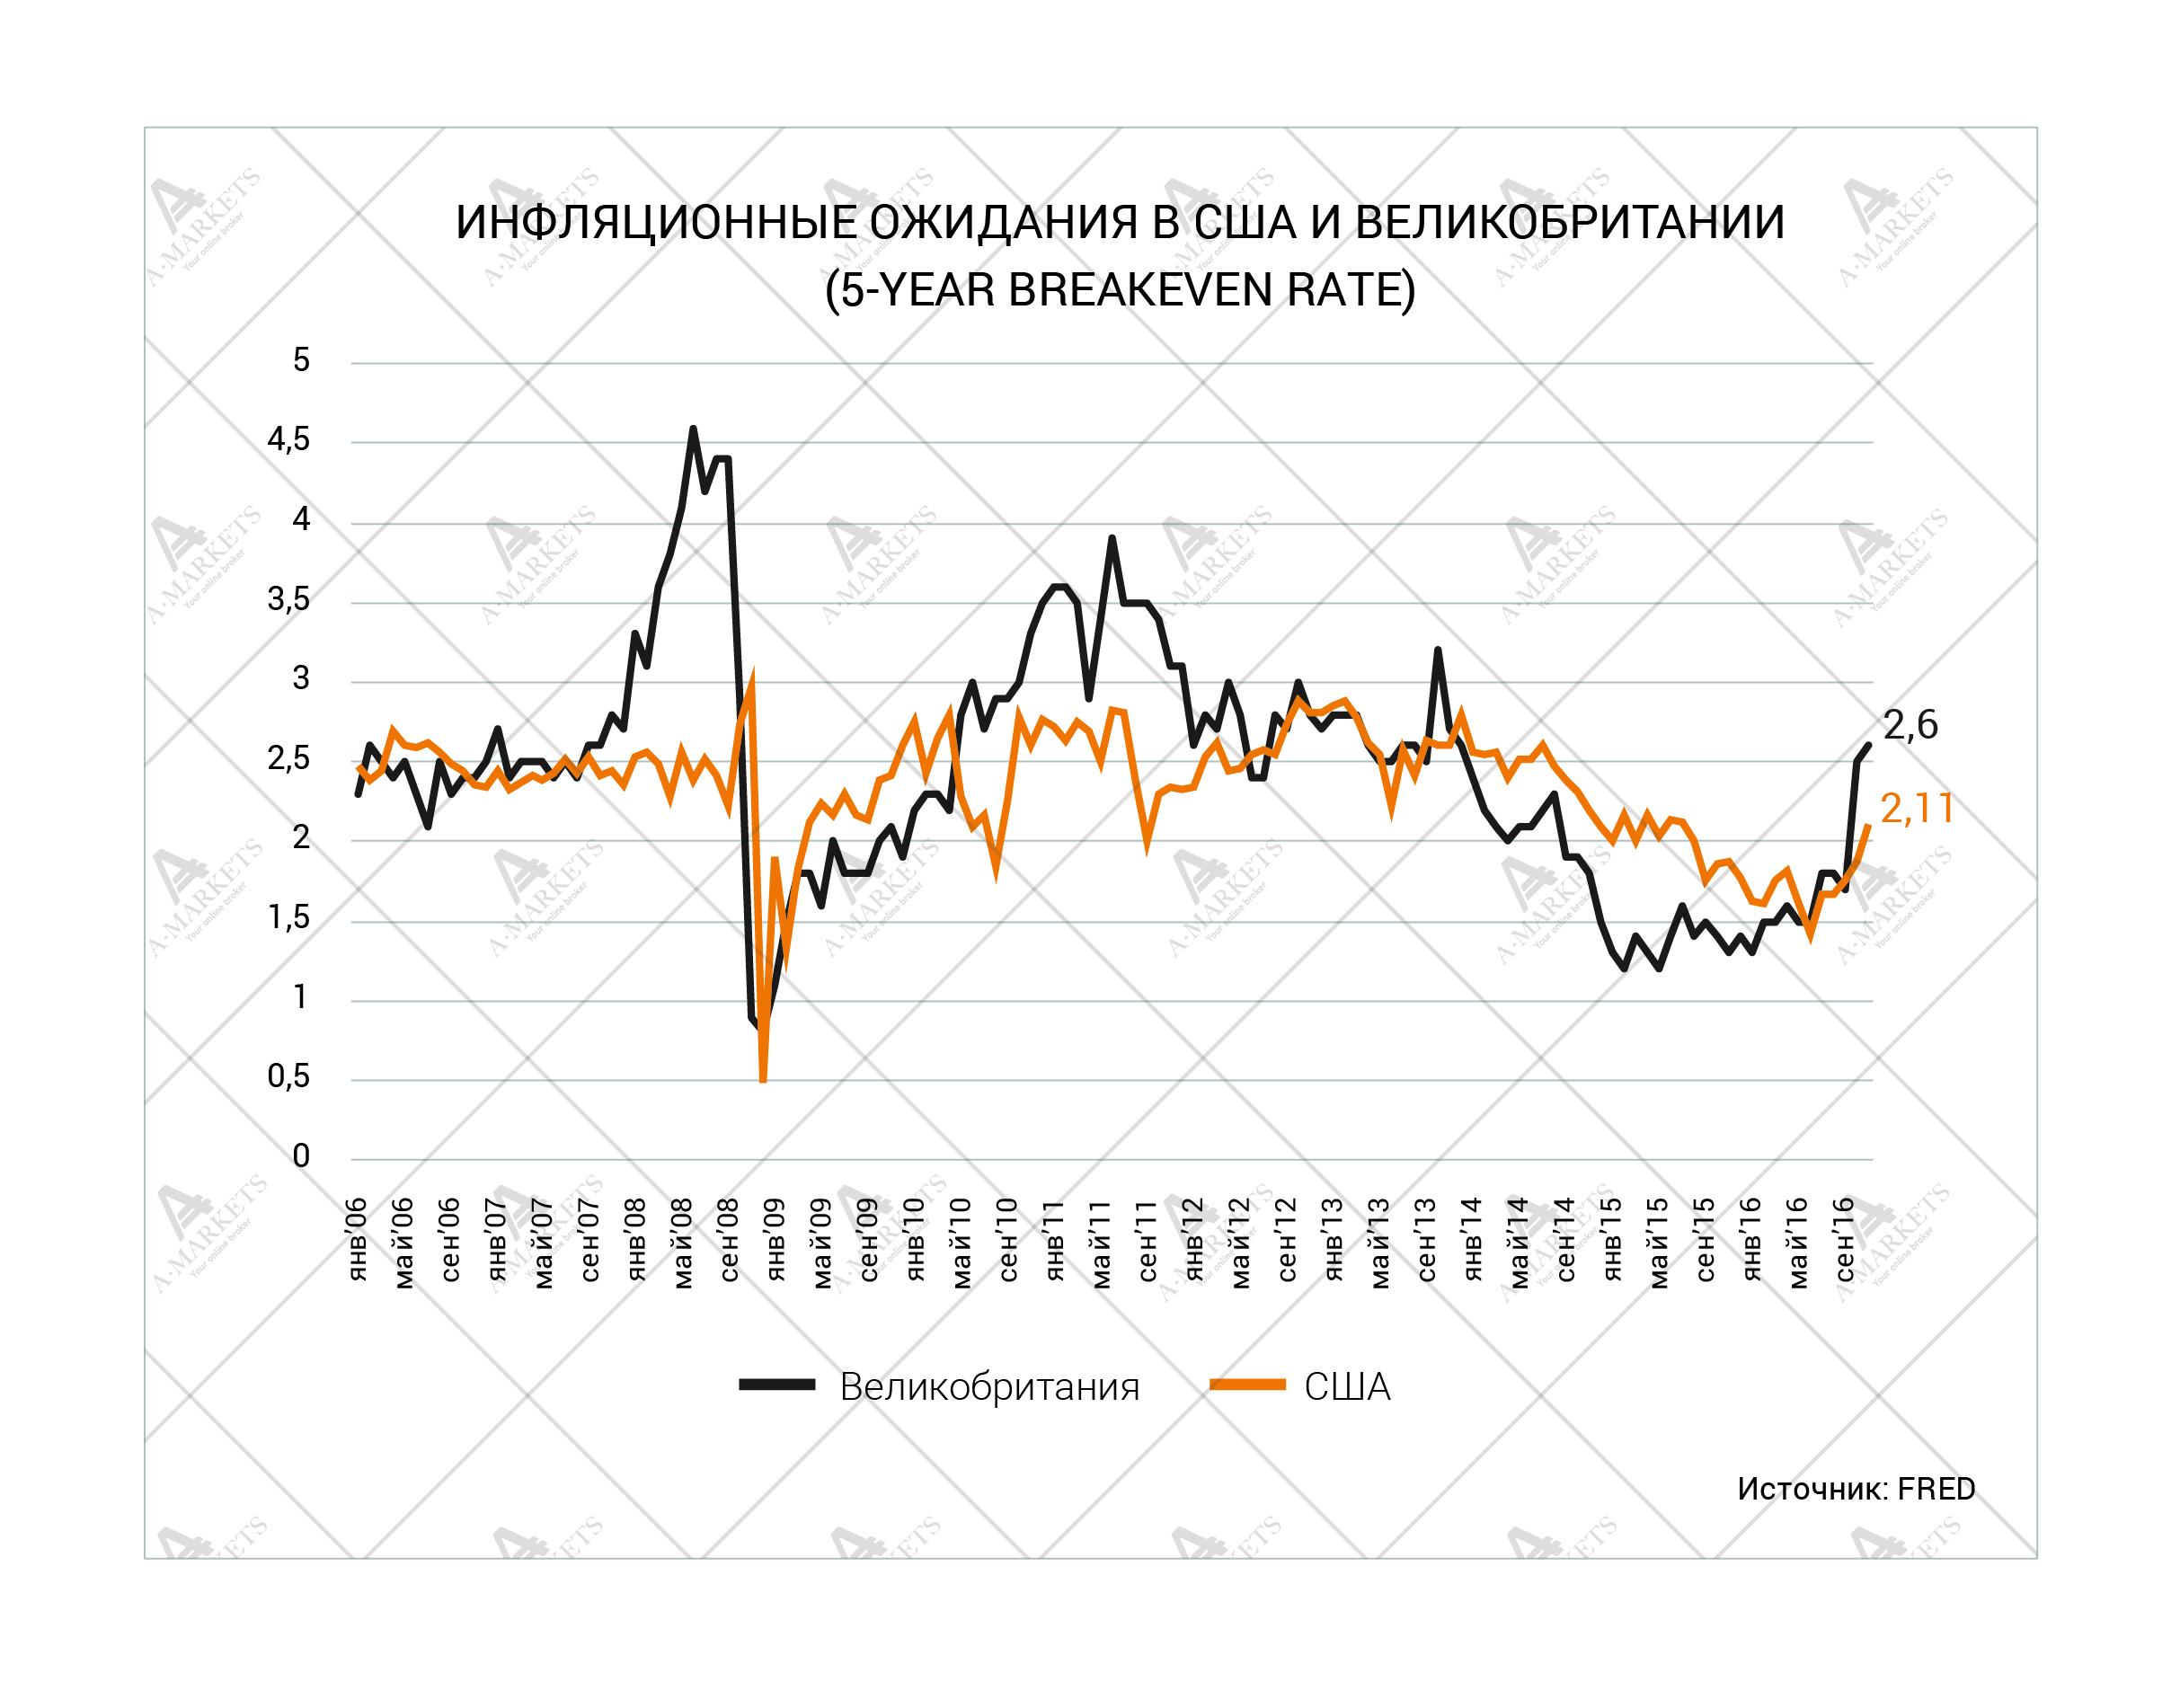 Инфляционные ожидания в США и Великобритании.Источник: FRED.